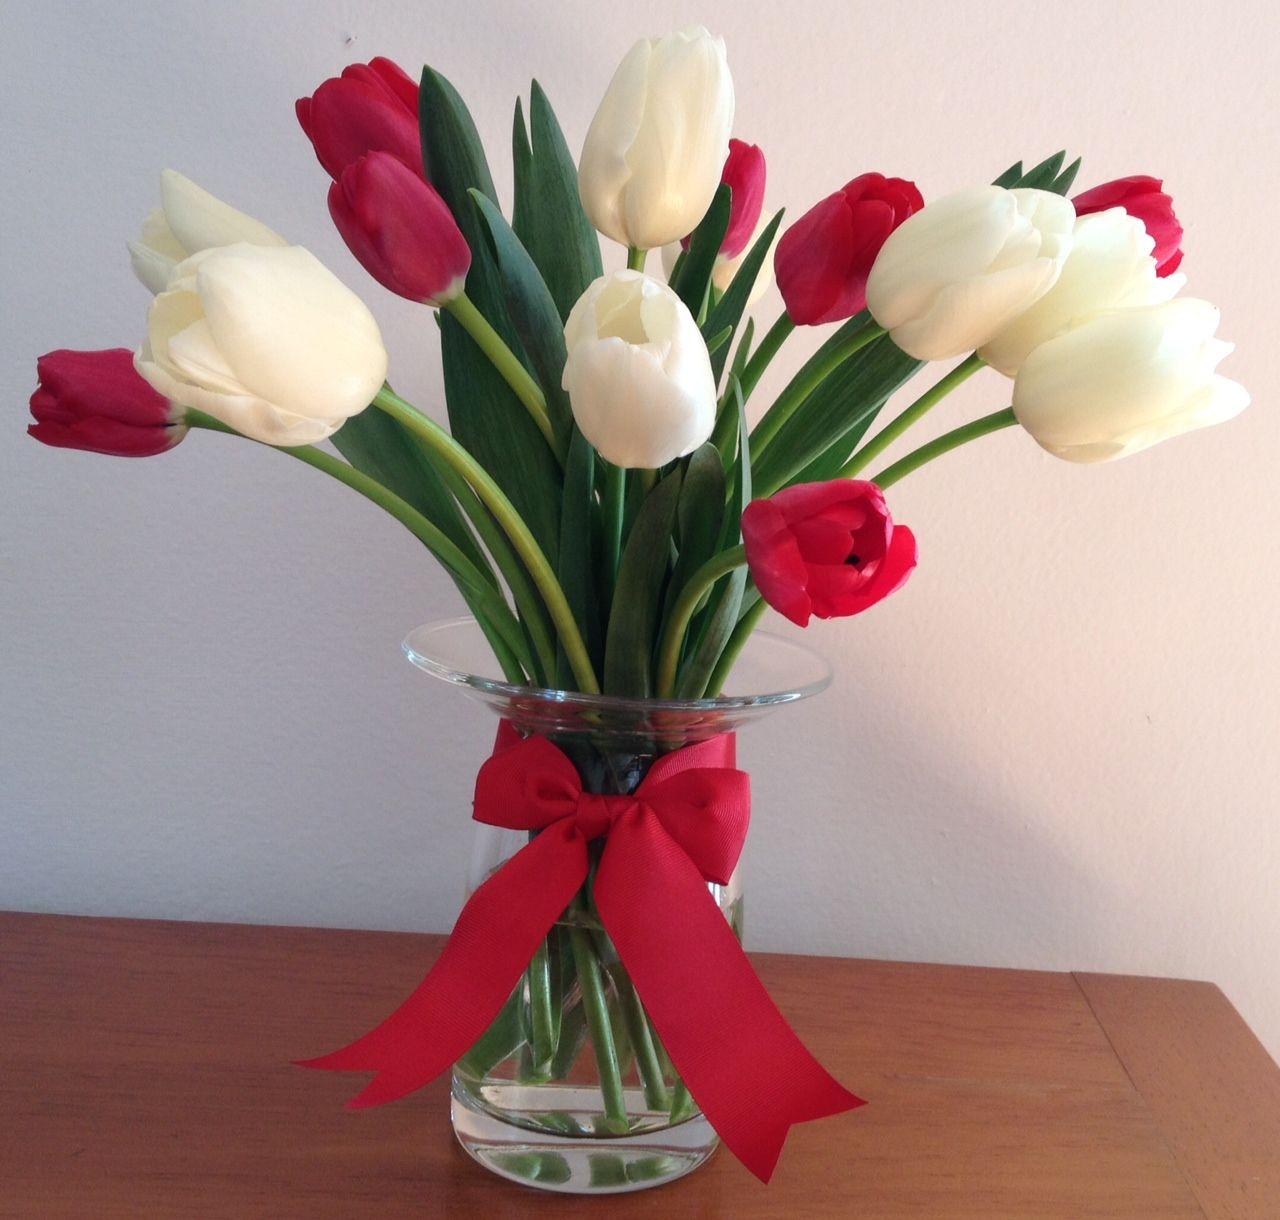 Flores2home Combinación De Tulipanes En Blanco Y Rojo En